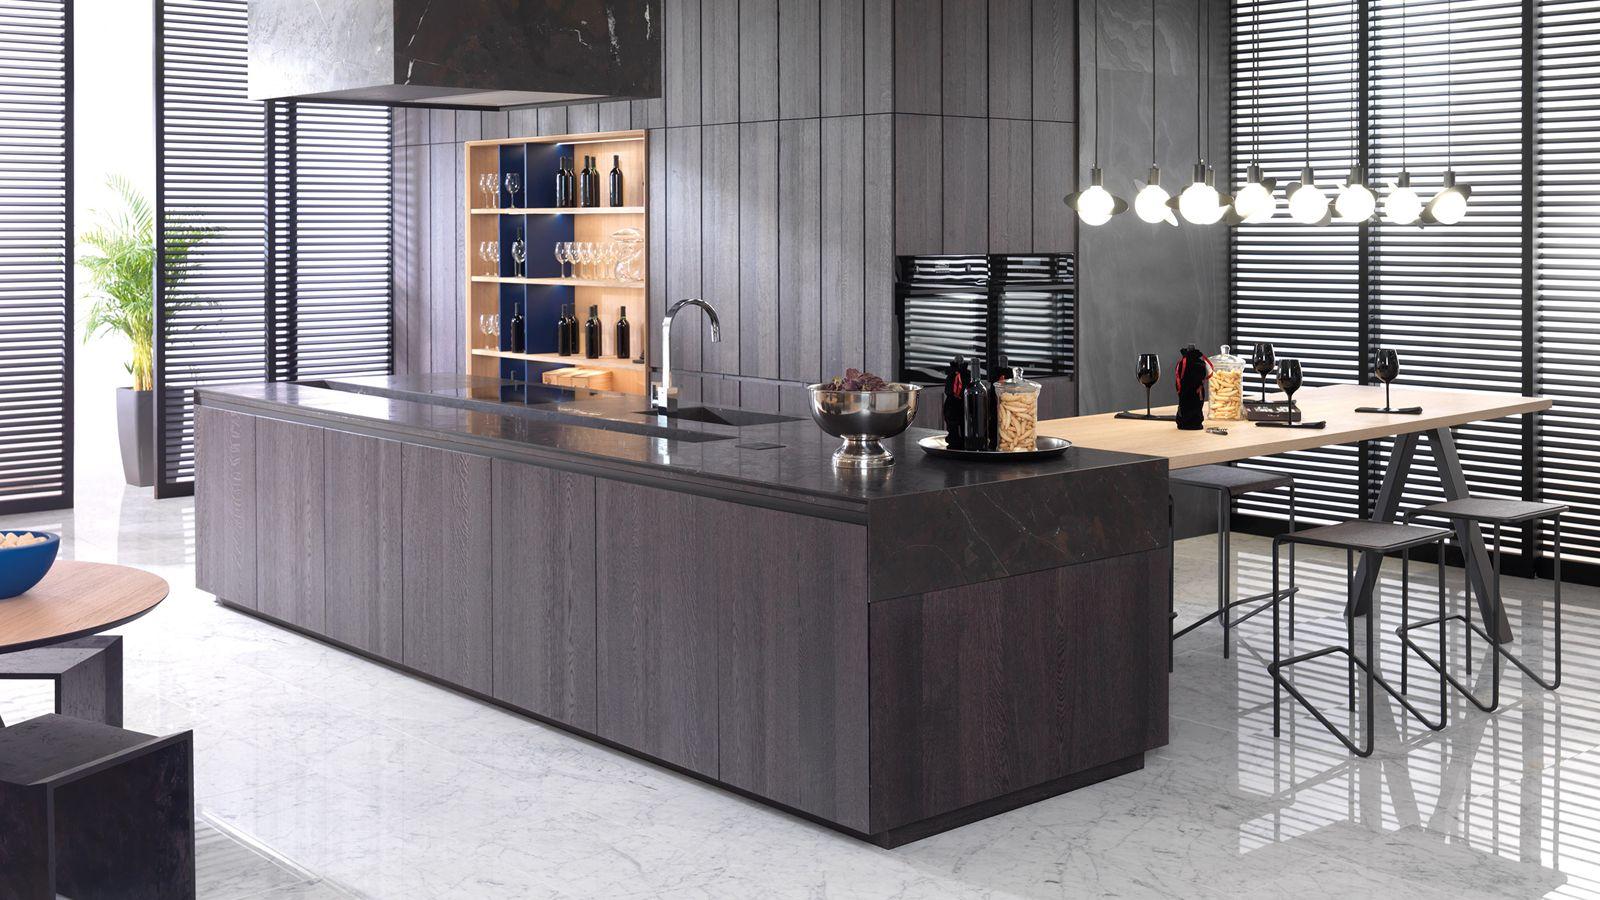 Dark Kitchens Innovation Brightness And Originality Porcelanosa Trendbook Decorating Above Kitchen Cabinets Dark Kitchen Bathroom Design Trends